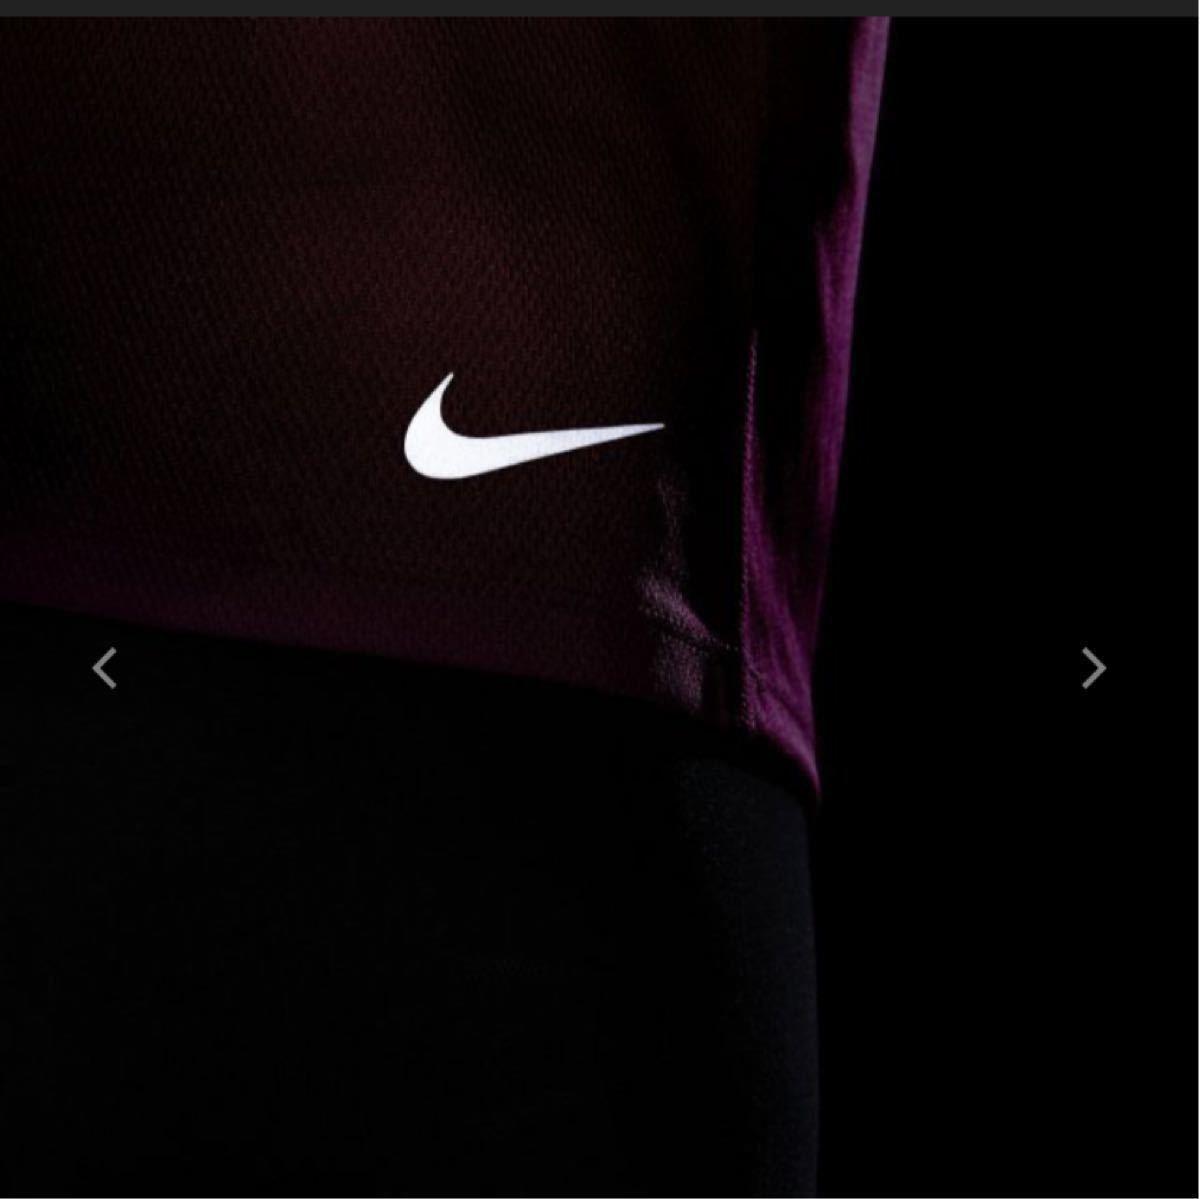 NIKE ランニングウェア 半袖シャツ ナイキ ウィメンズ Sサイズ トップ レディース 2021年春新作モデル 新品未使用